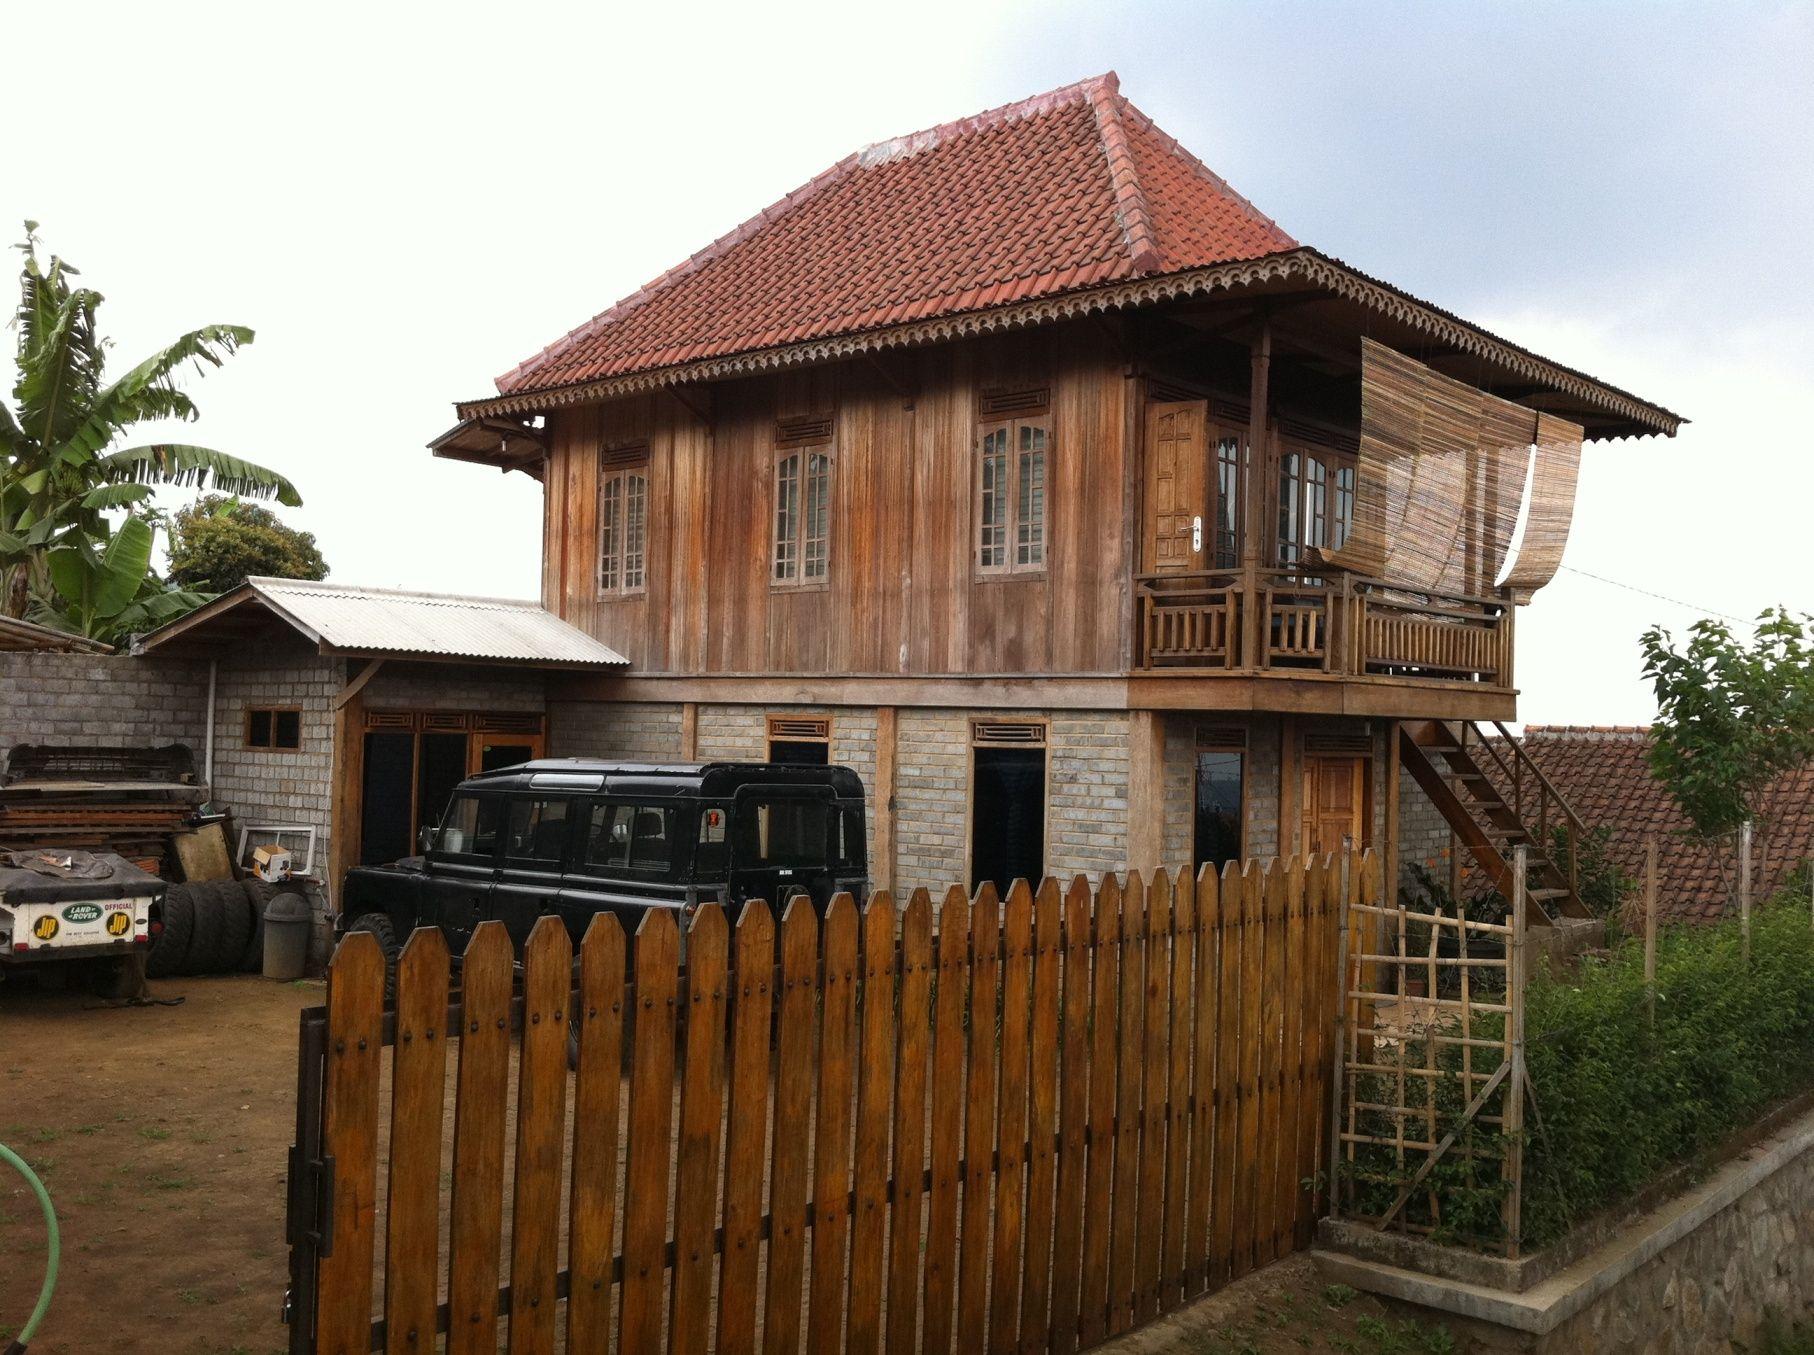 Rumah Kayu Sederhana Natural & Rumah Kayu Sederhana Natural | HOME | Pinterest | Natural